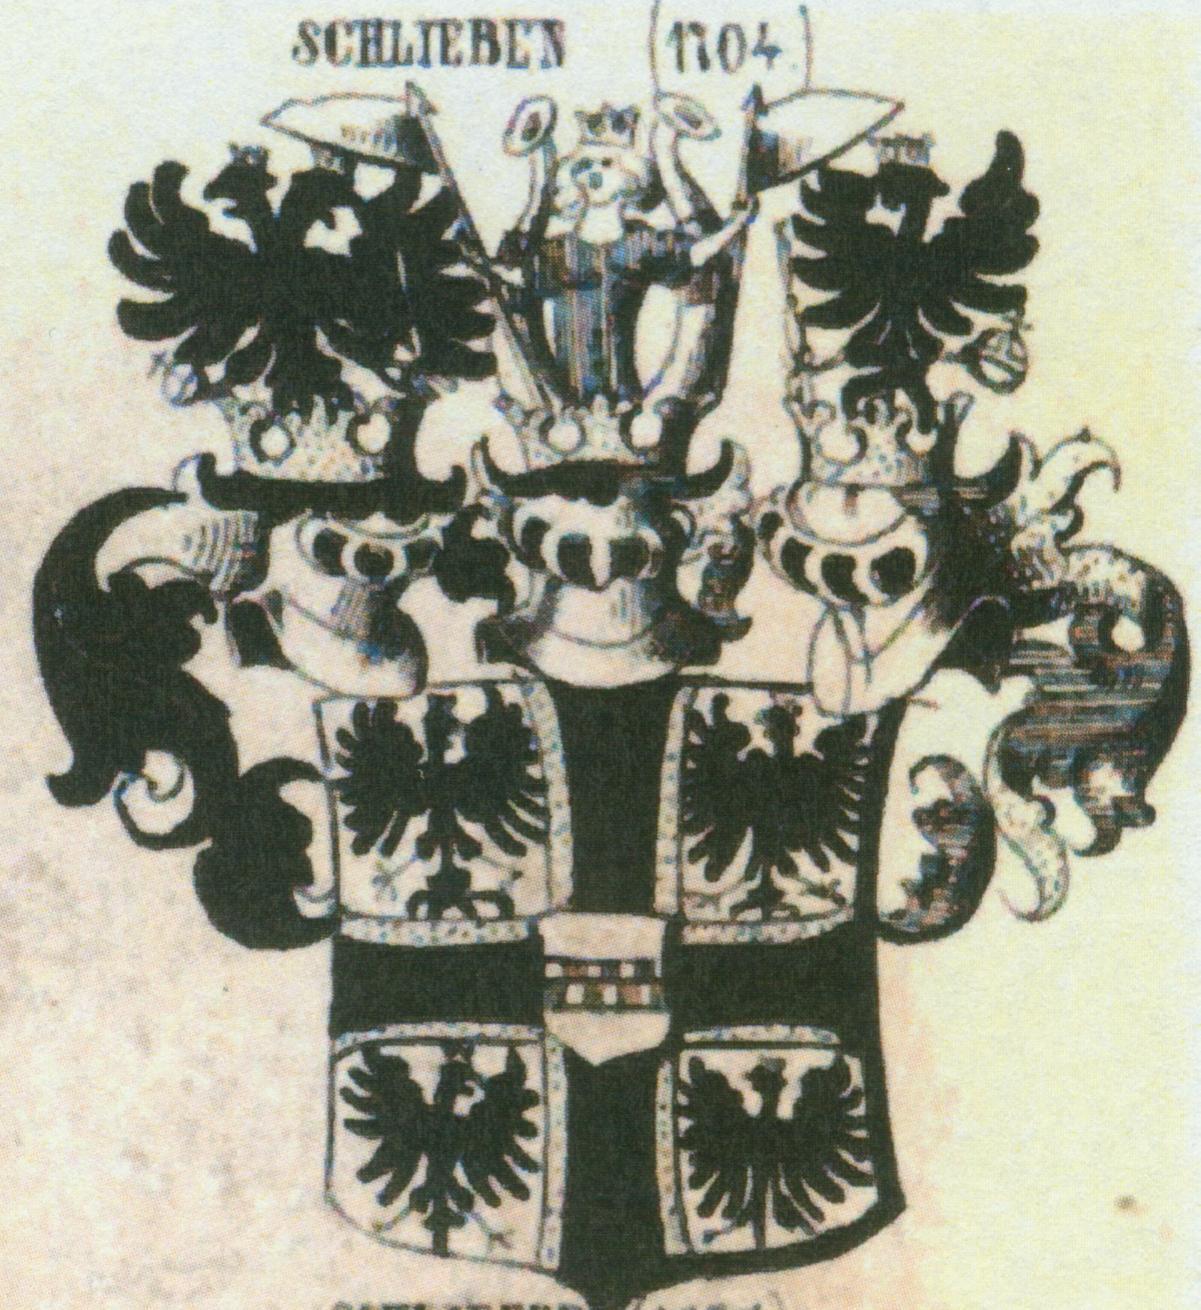 Schlieben 1704